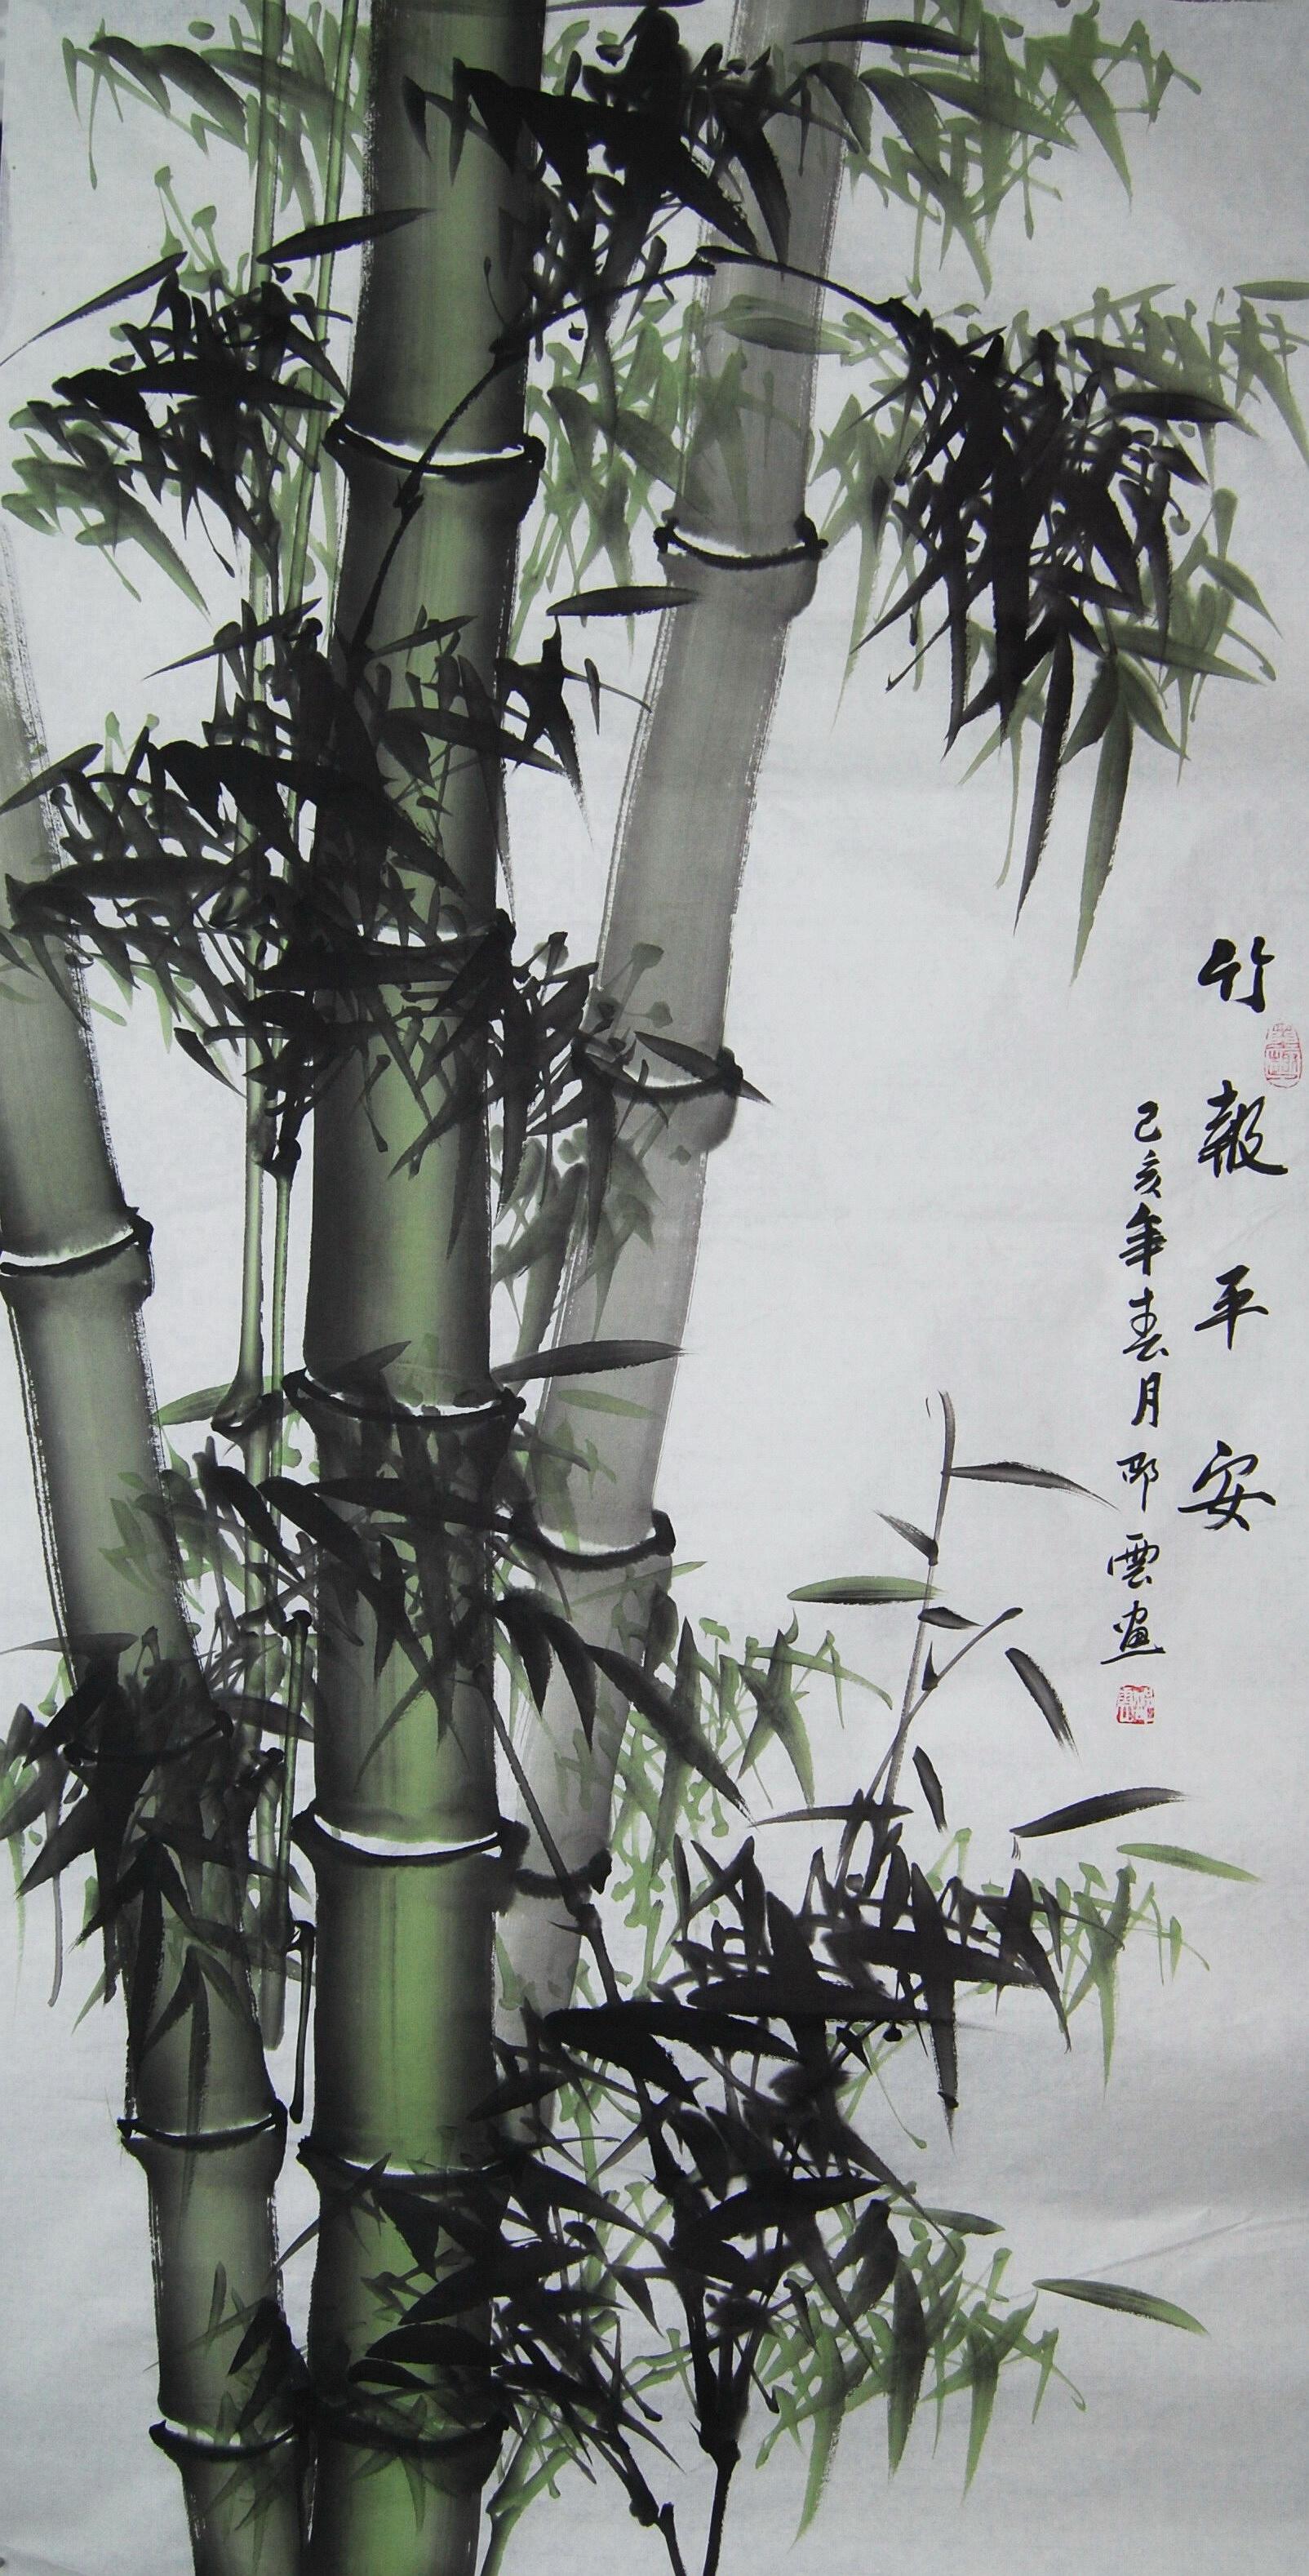 特價純手繪四尺橫幅豎幅國畫竹子中堂竹報平安裝飾畫客廳書房字畫